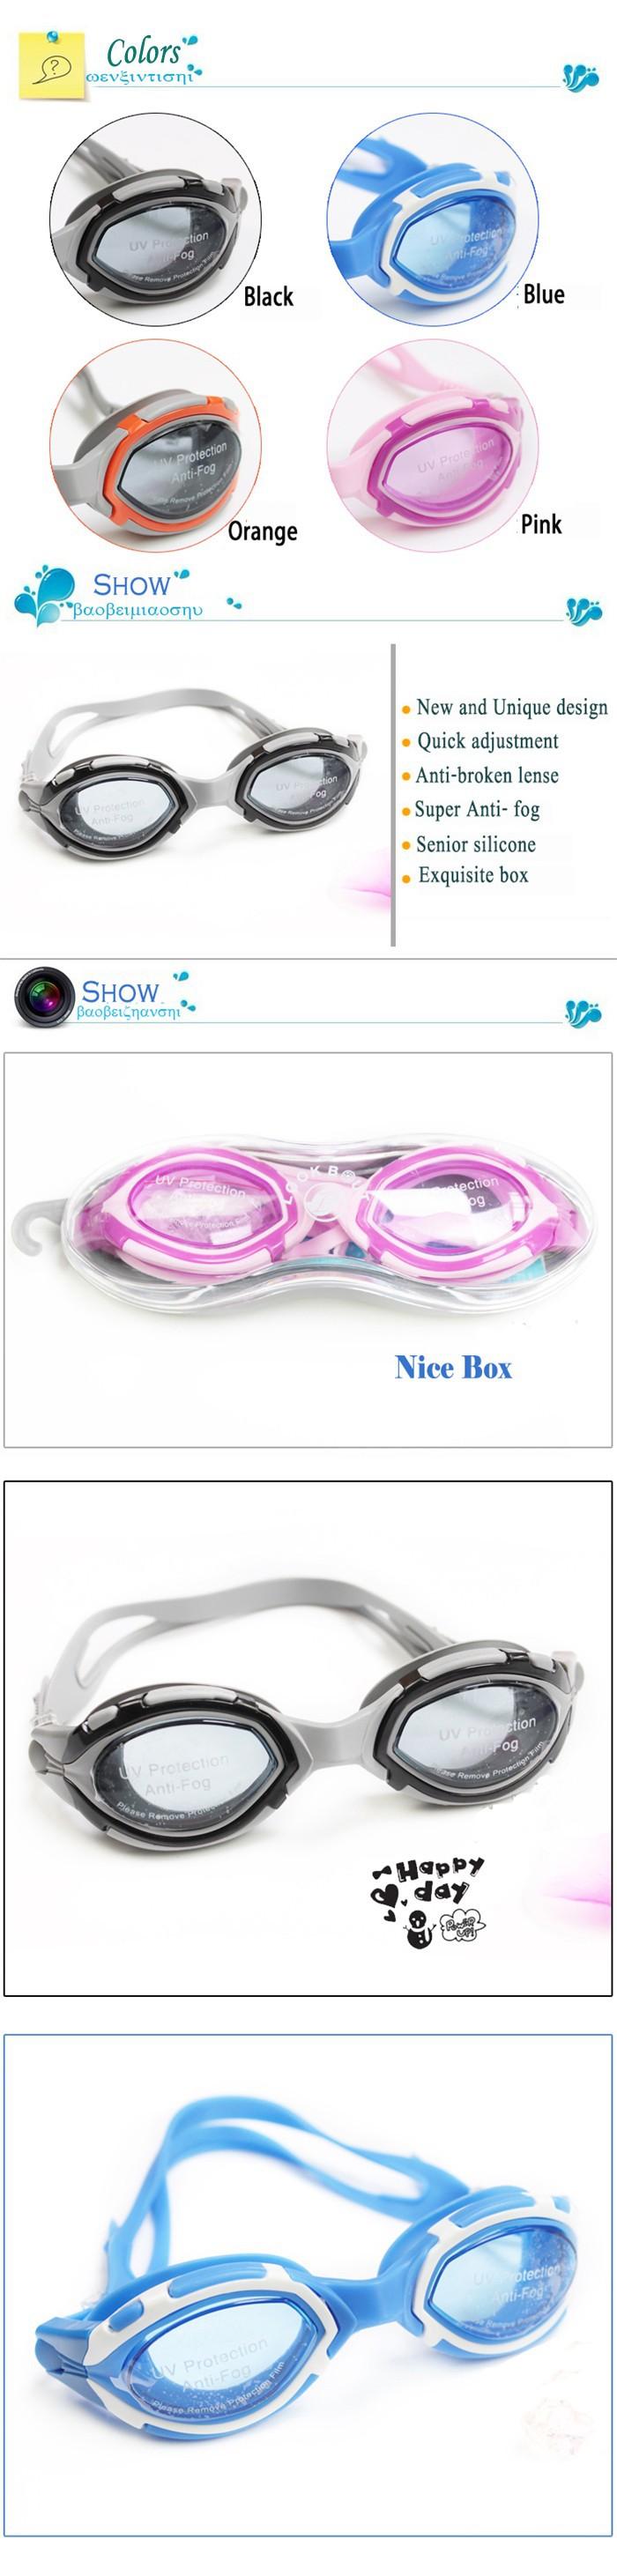 новый профессиональный взрослых унисекс плавательные очки водонепроницаемая незапотевающая анти УФ / УФ защиты speedo стиль плавания очки очки